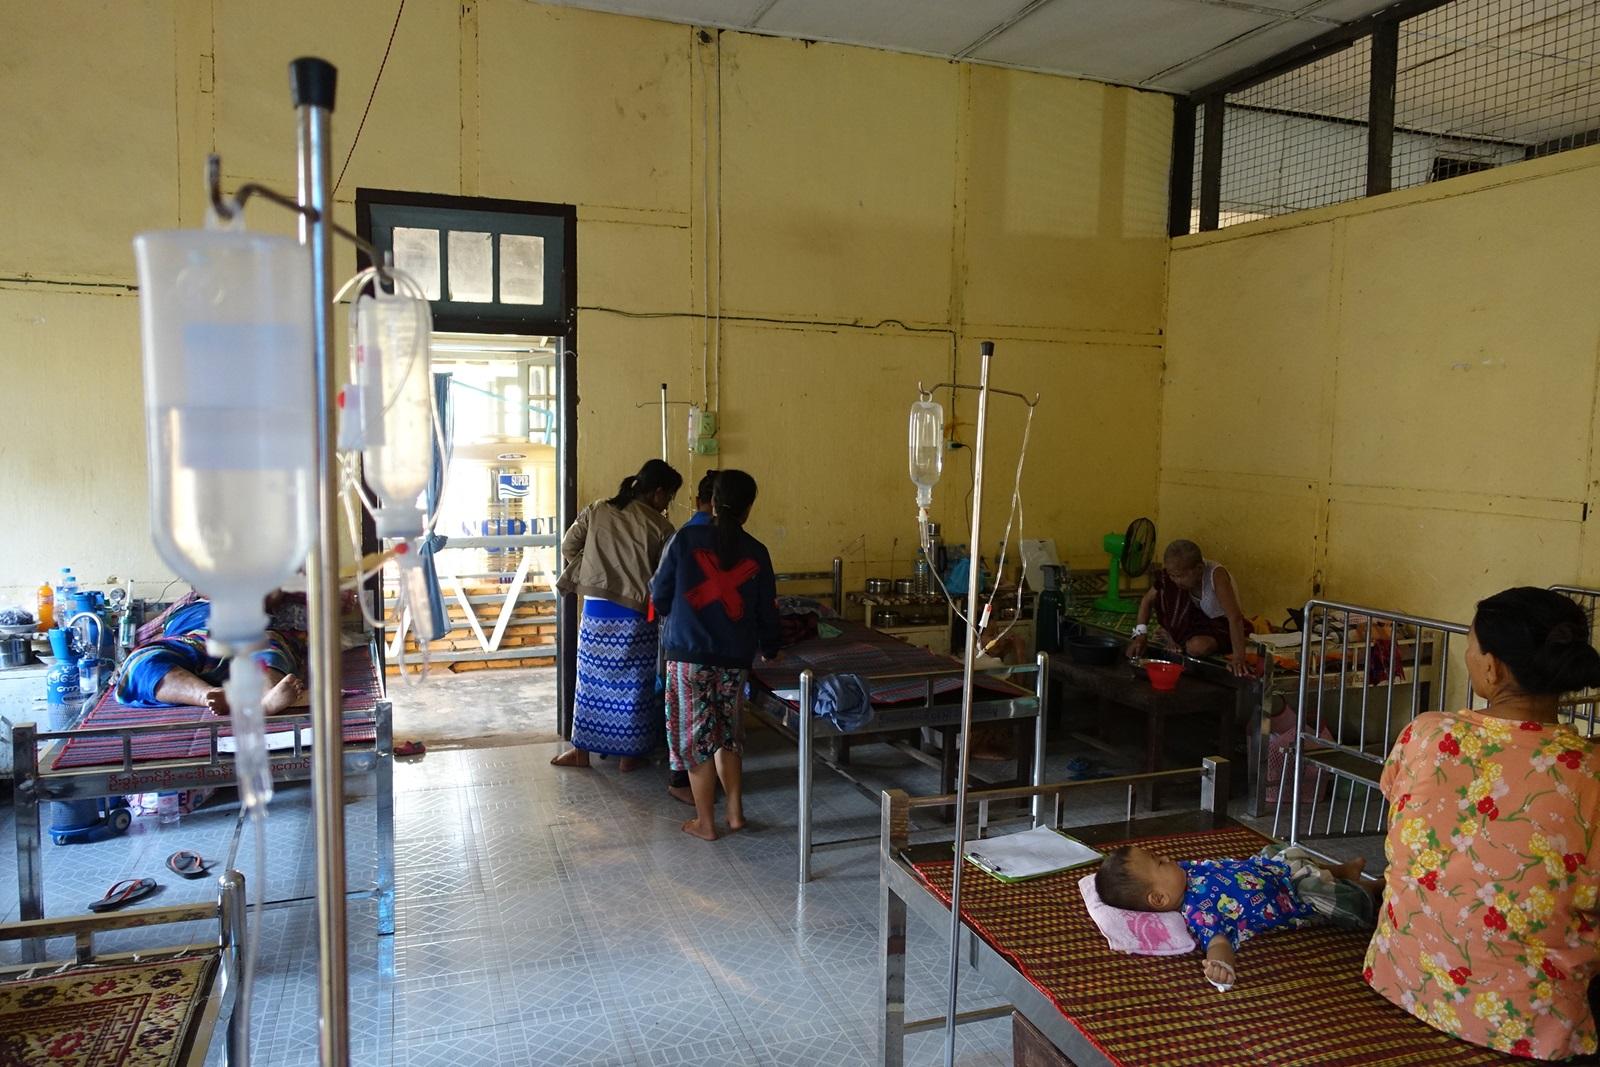 Billede fra malaria hospital 01